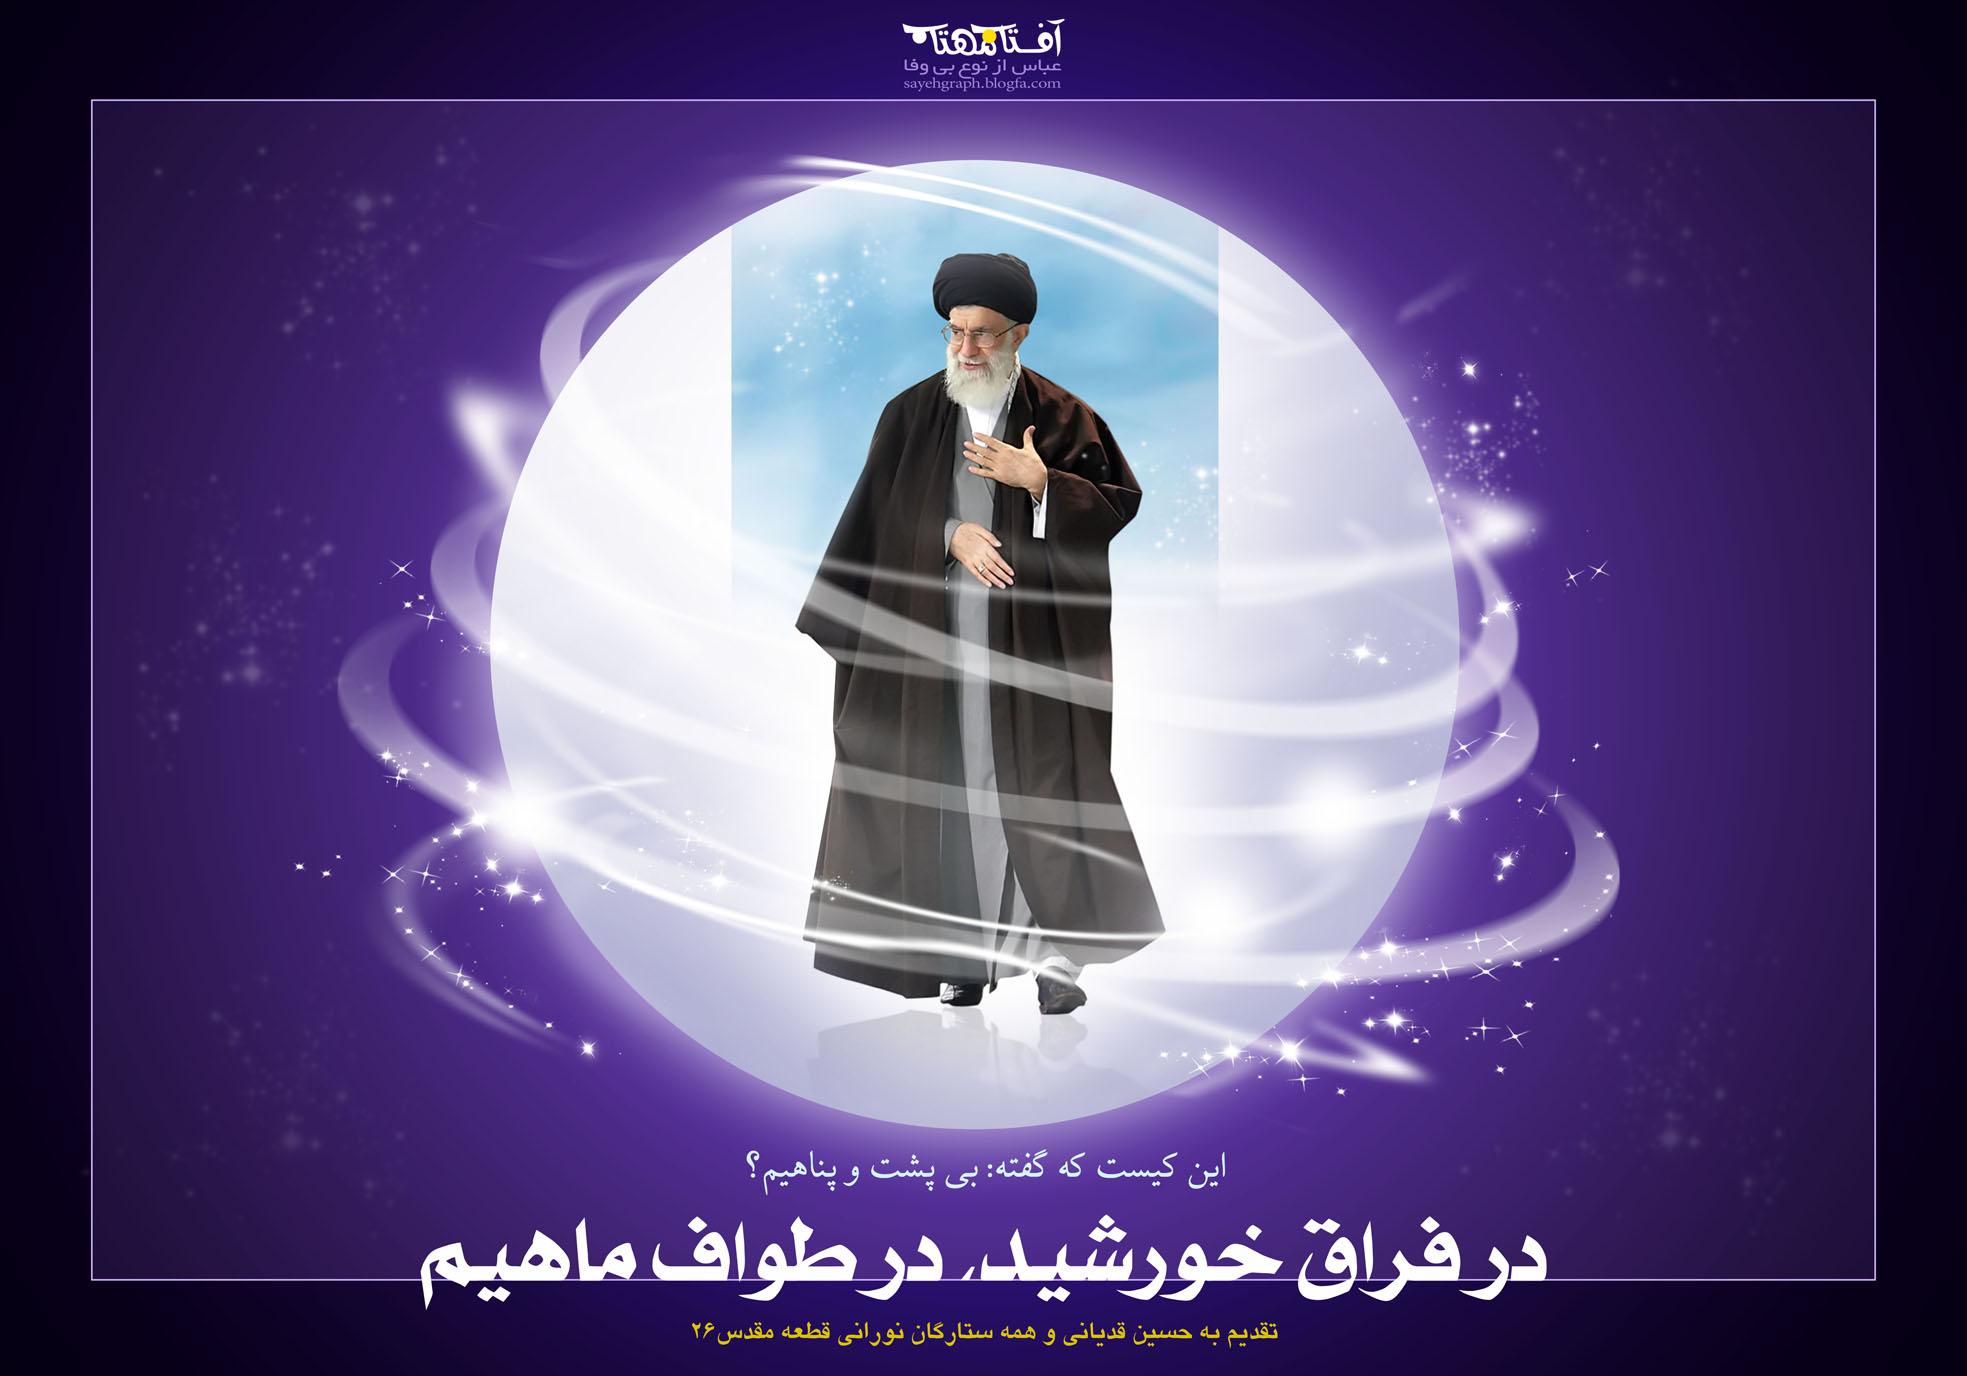 Iranska singlar